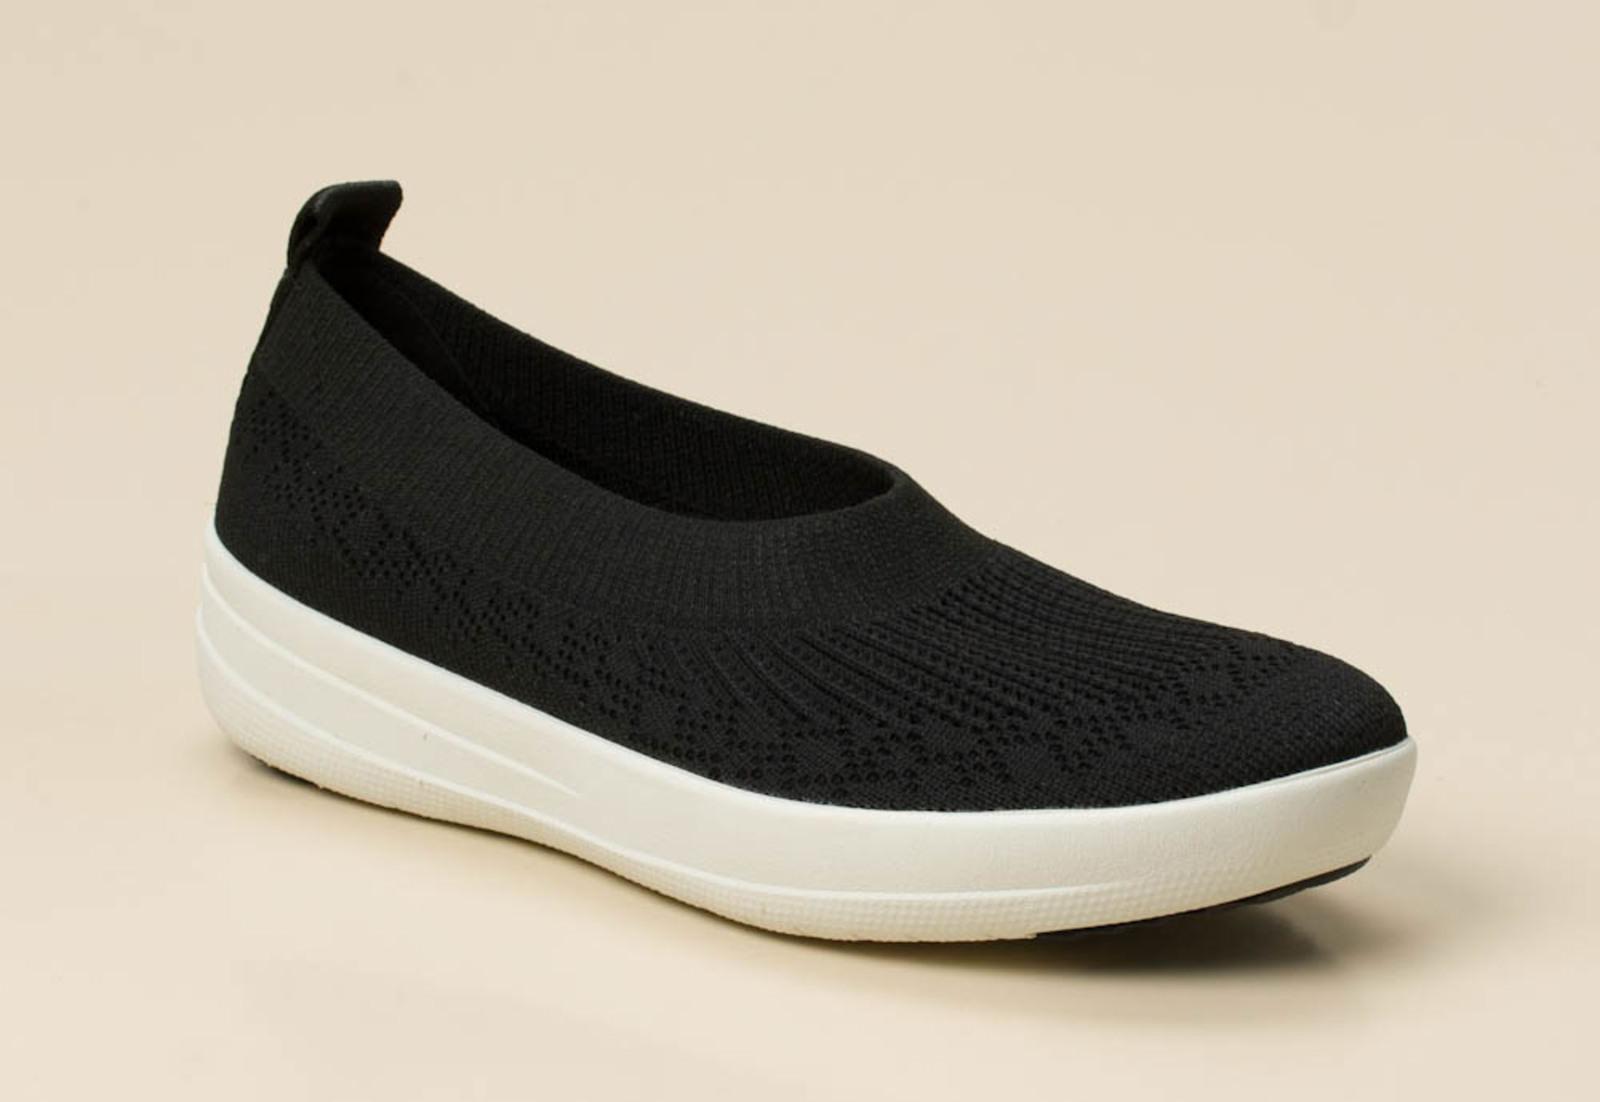 4792bdf850fa FitFlop Damen Slipper in schwarz kaufen   Zumnorde Online-Shop